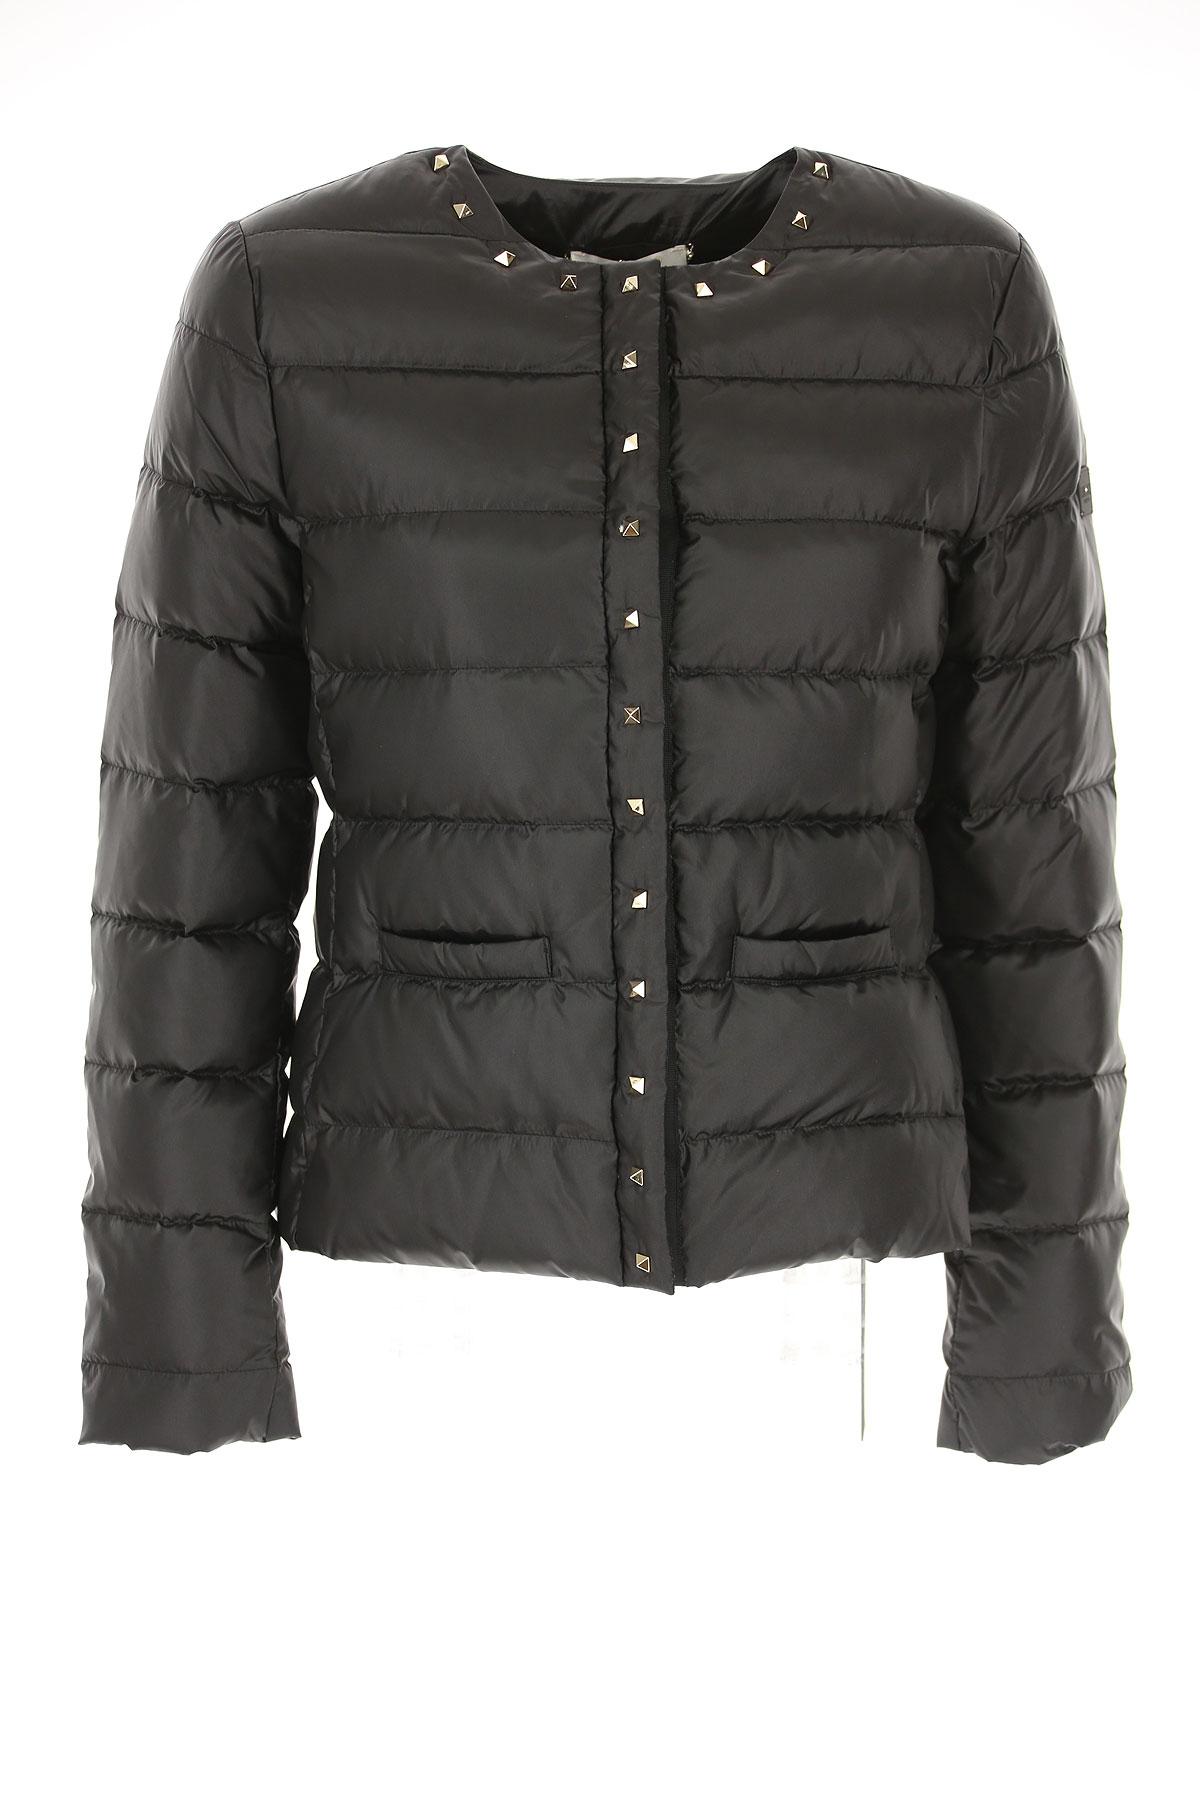 Image of Liu Jo Down Jacket for Women, Puffer Ski Jacket, Black, polyamide, 2017, 4 6 8